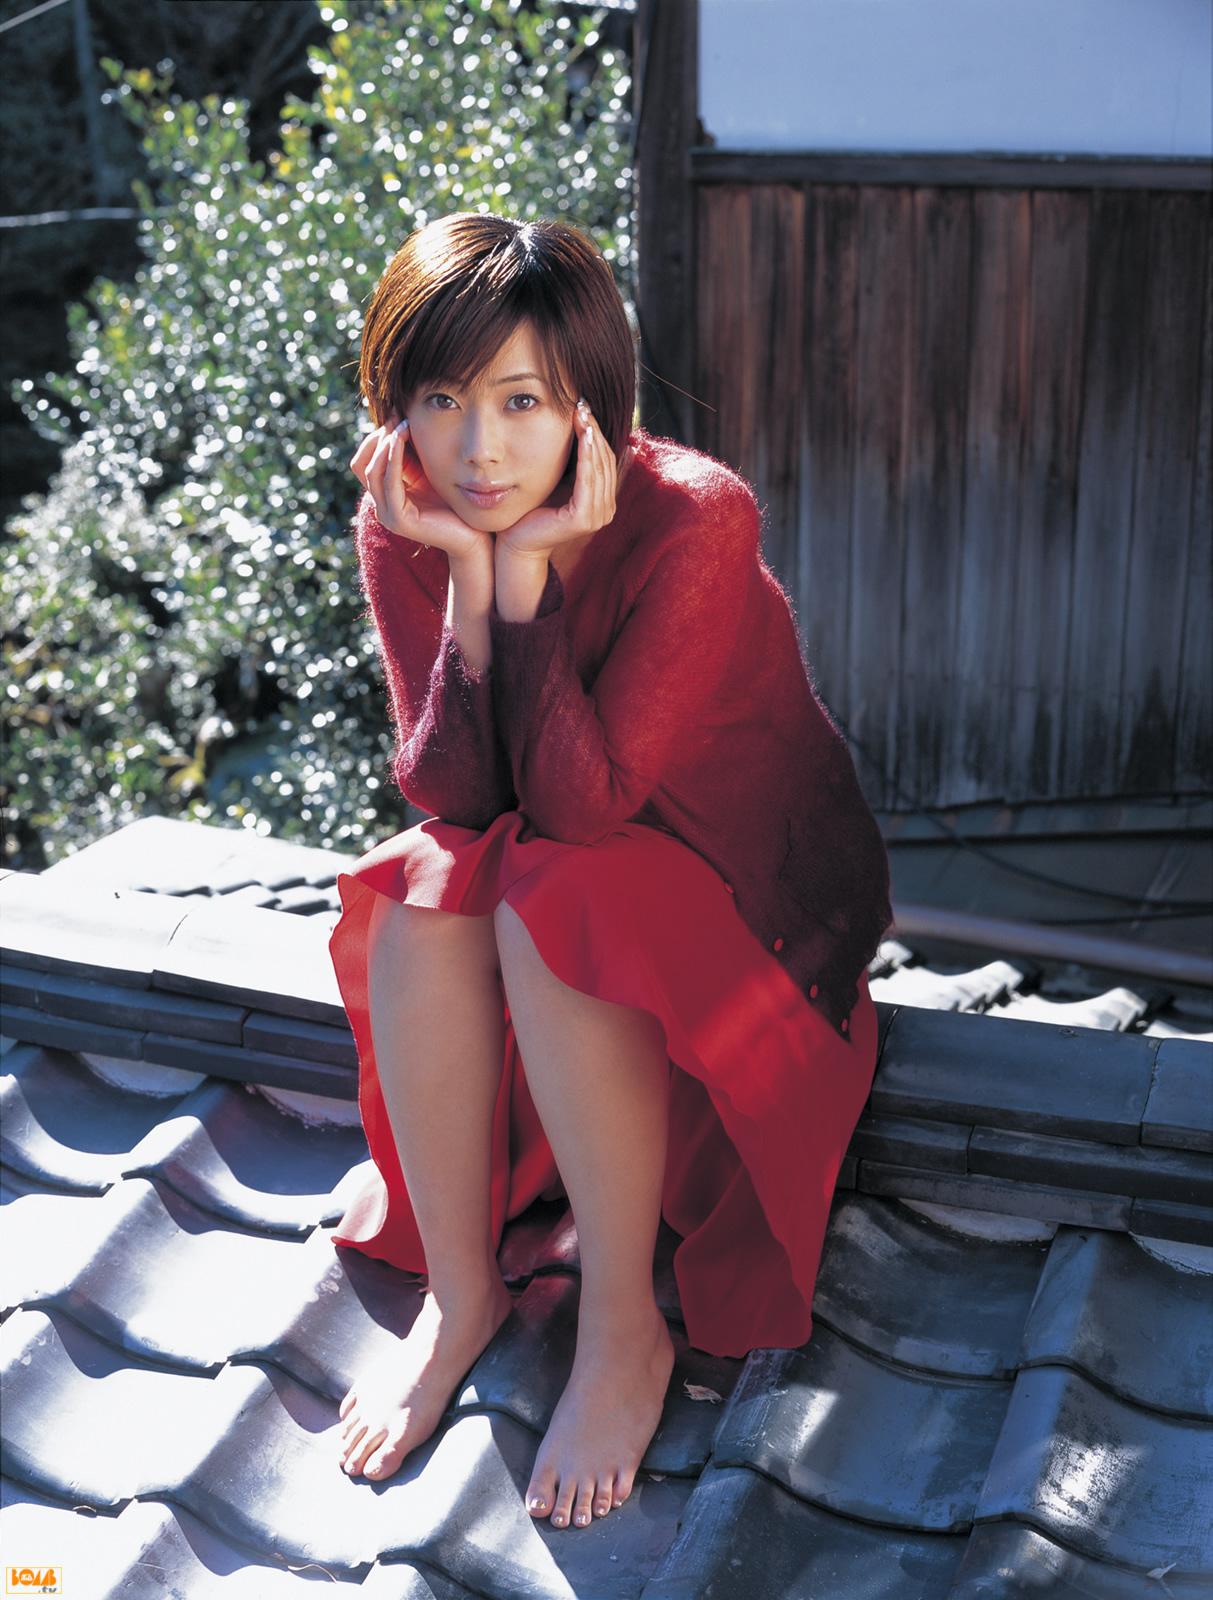 Waka Inoue (b. 1980)